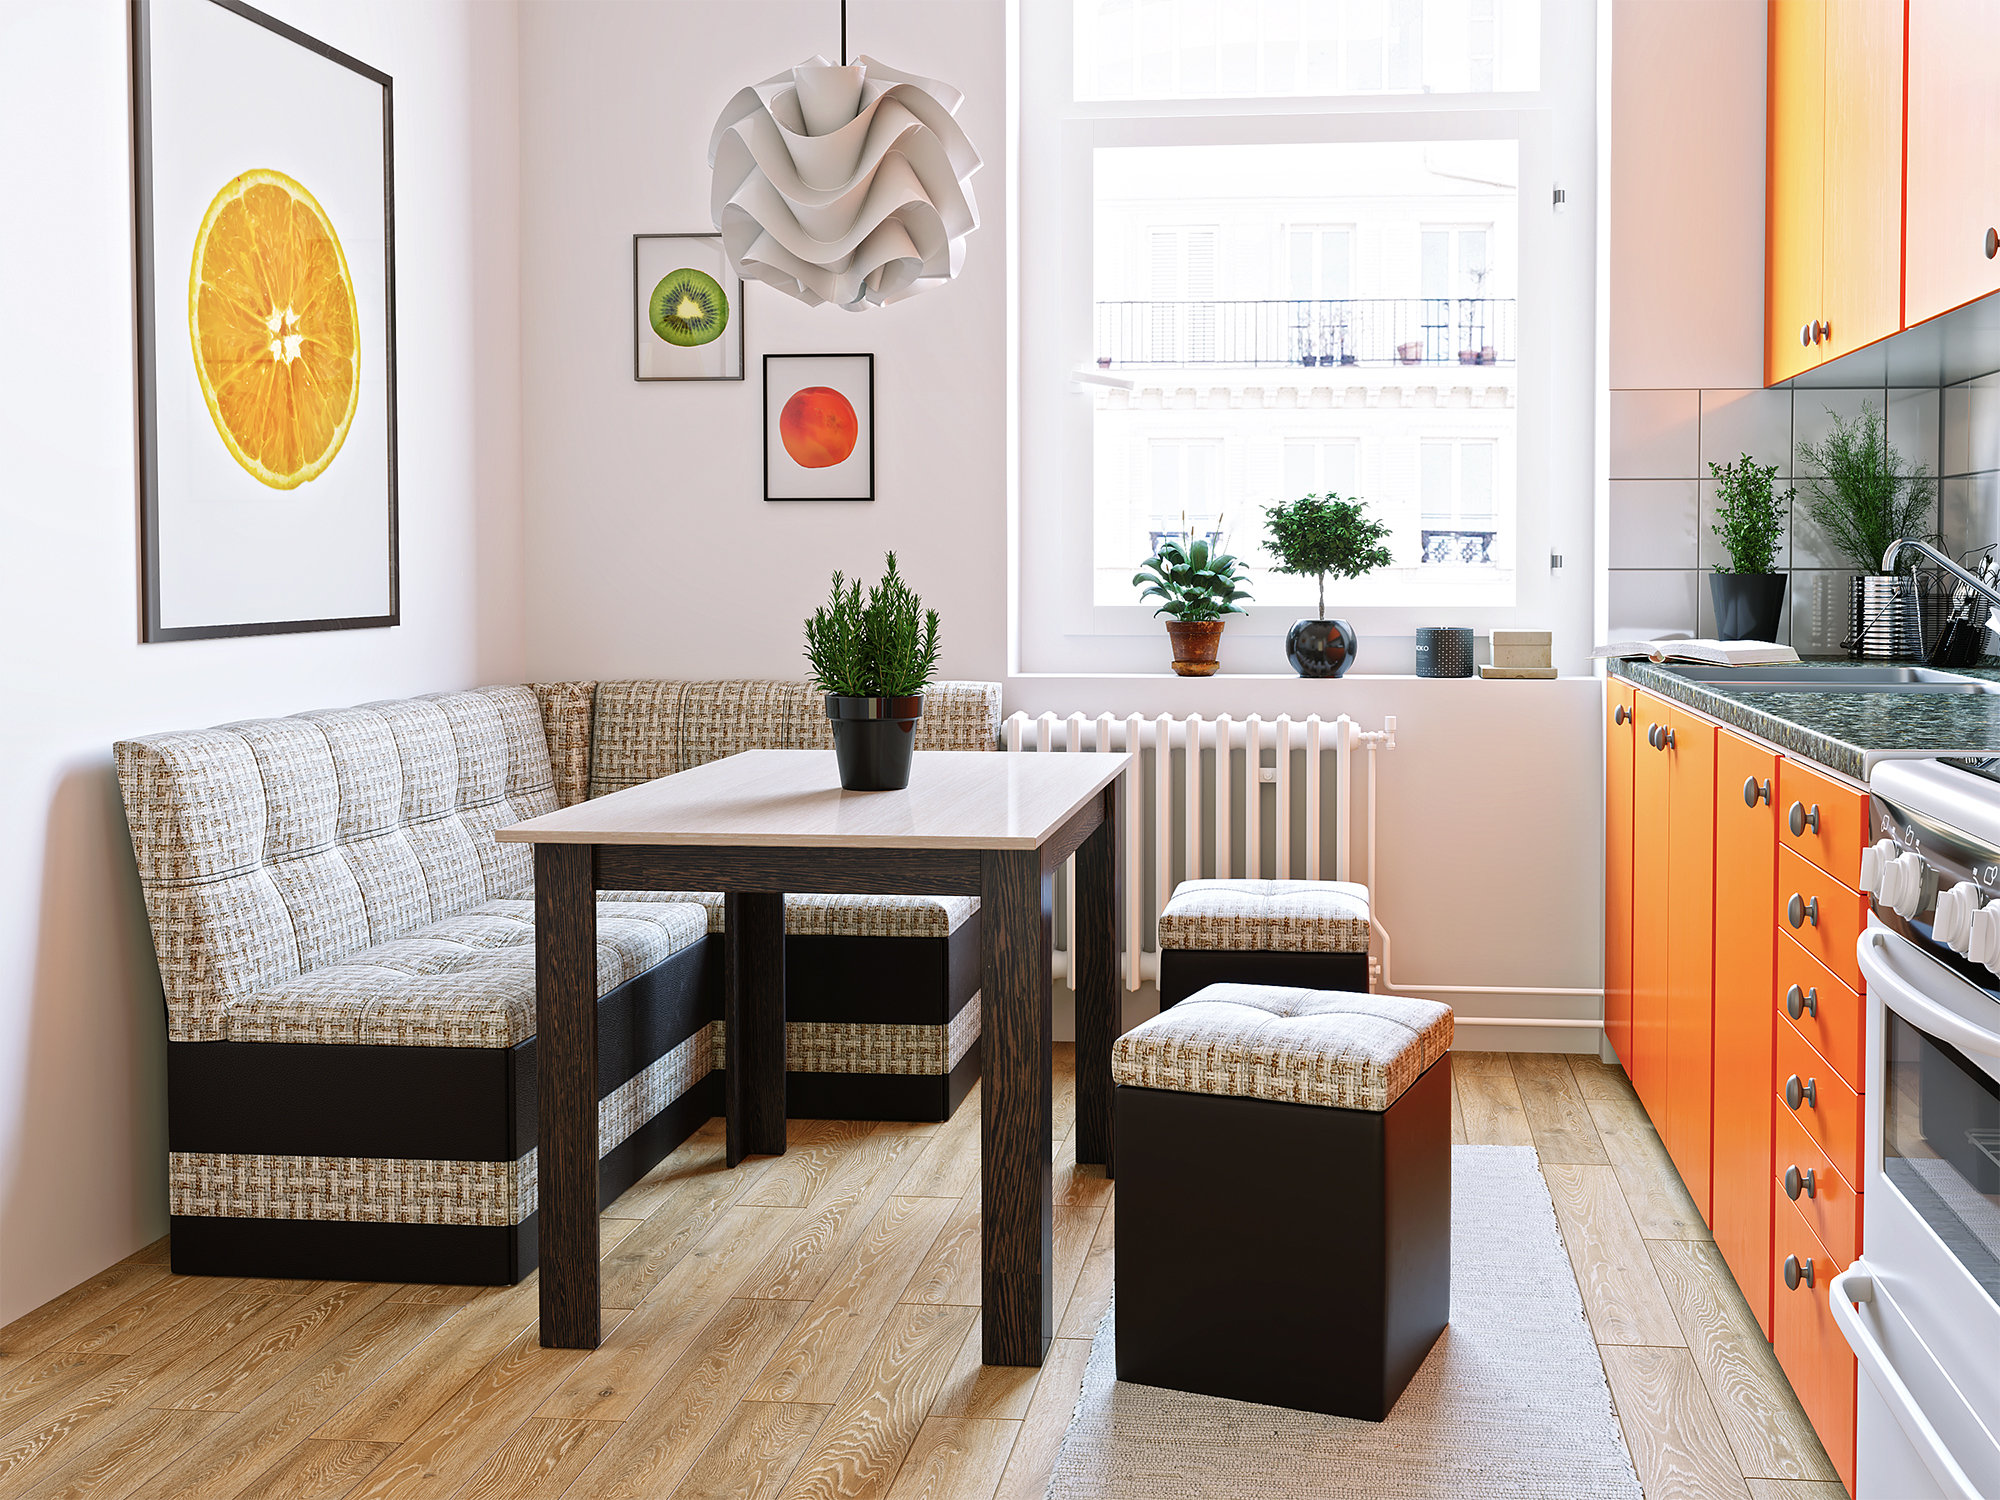 уютная кухня с диванчиком фото видите, разные